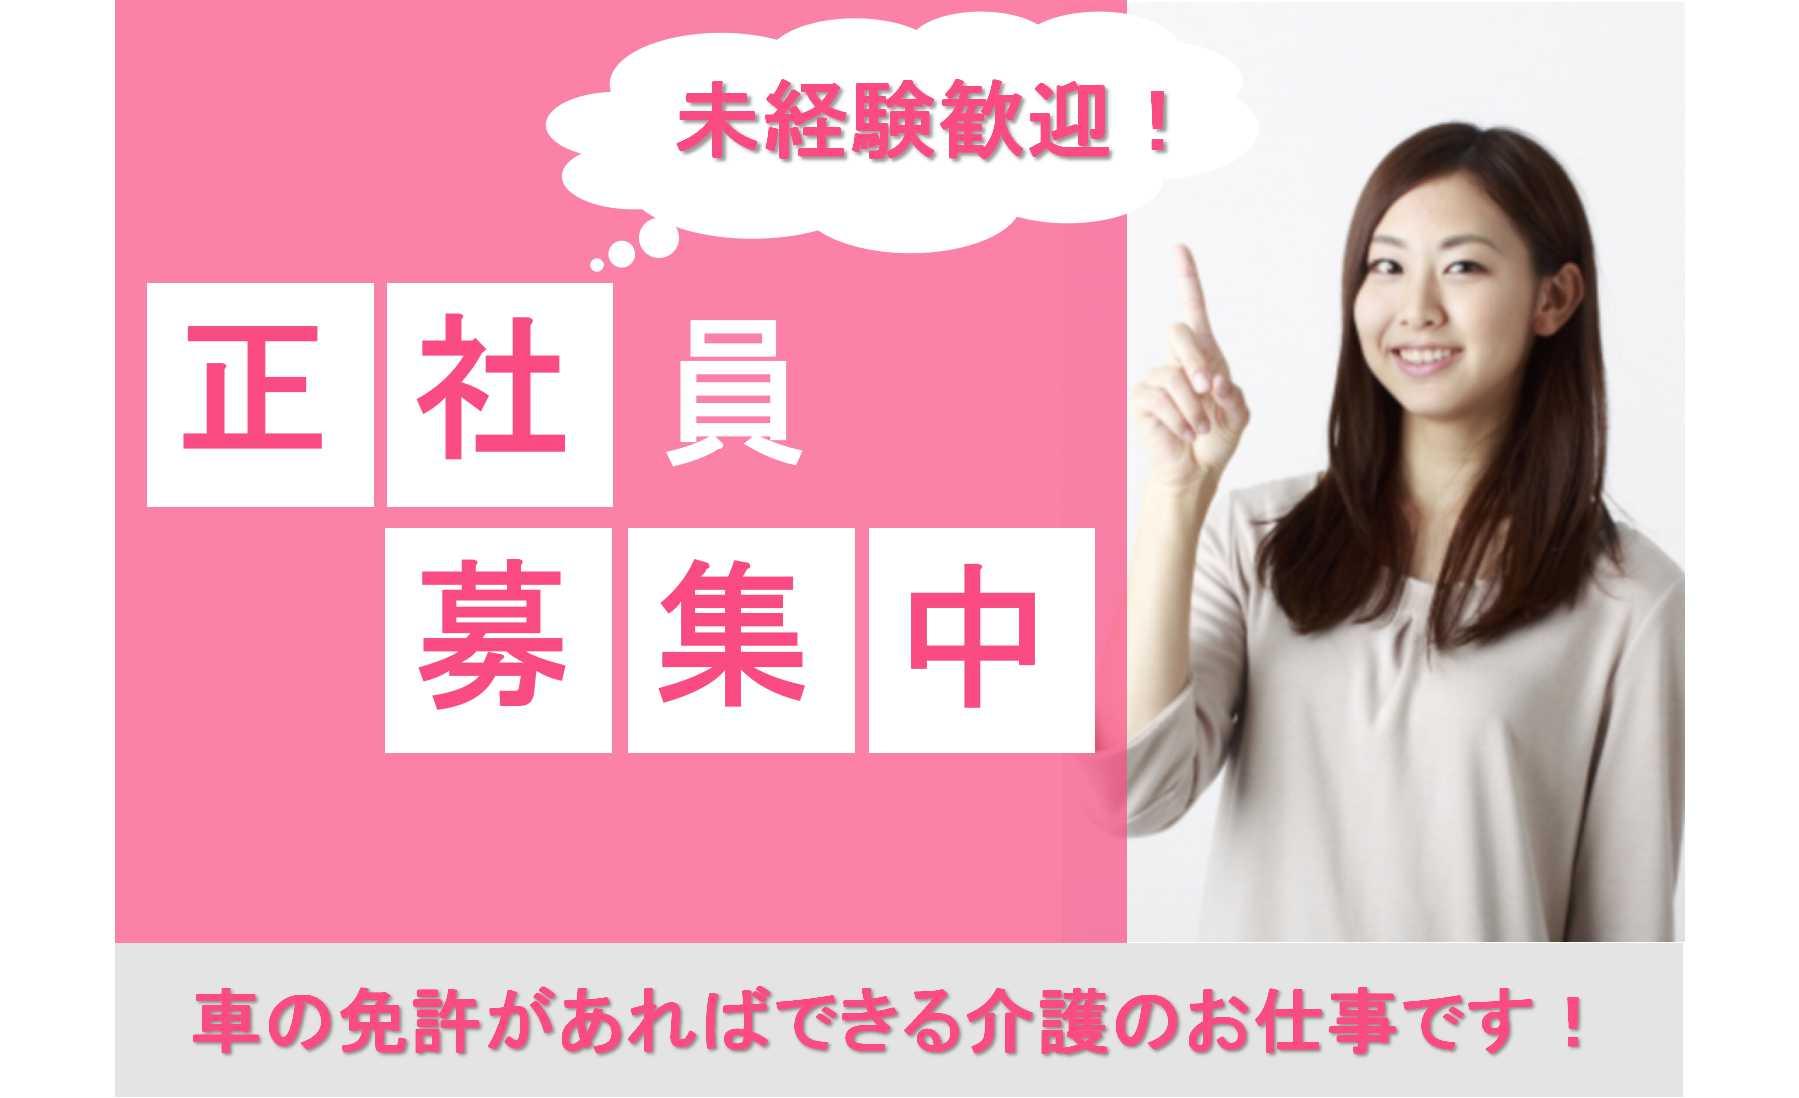 普通車免許あればOKの介護職員♪月給20万円以上!【即面談可能】 イメージ